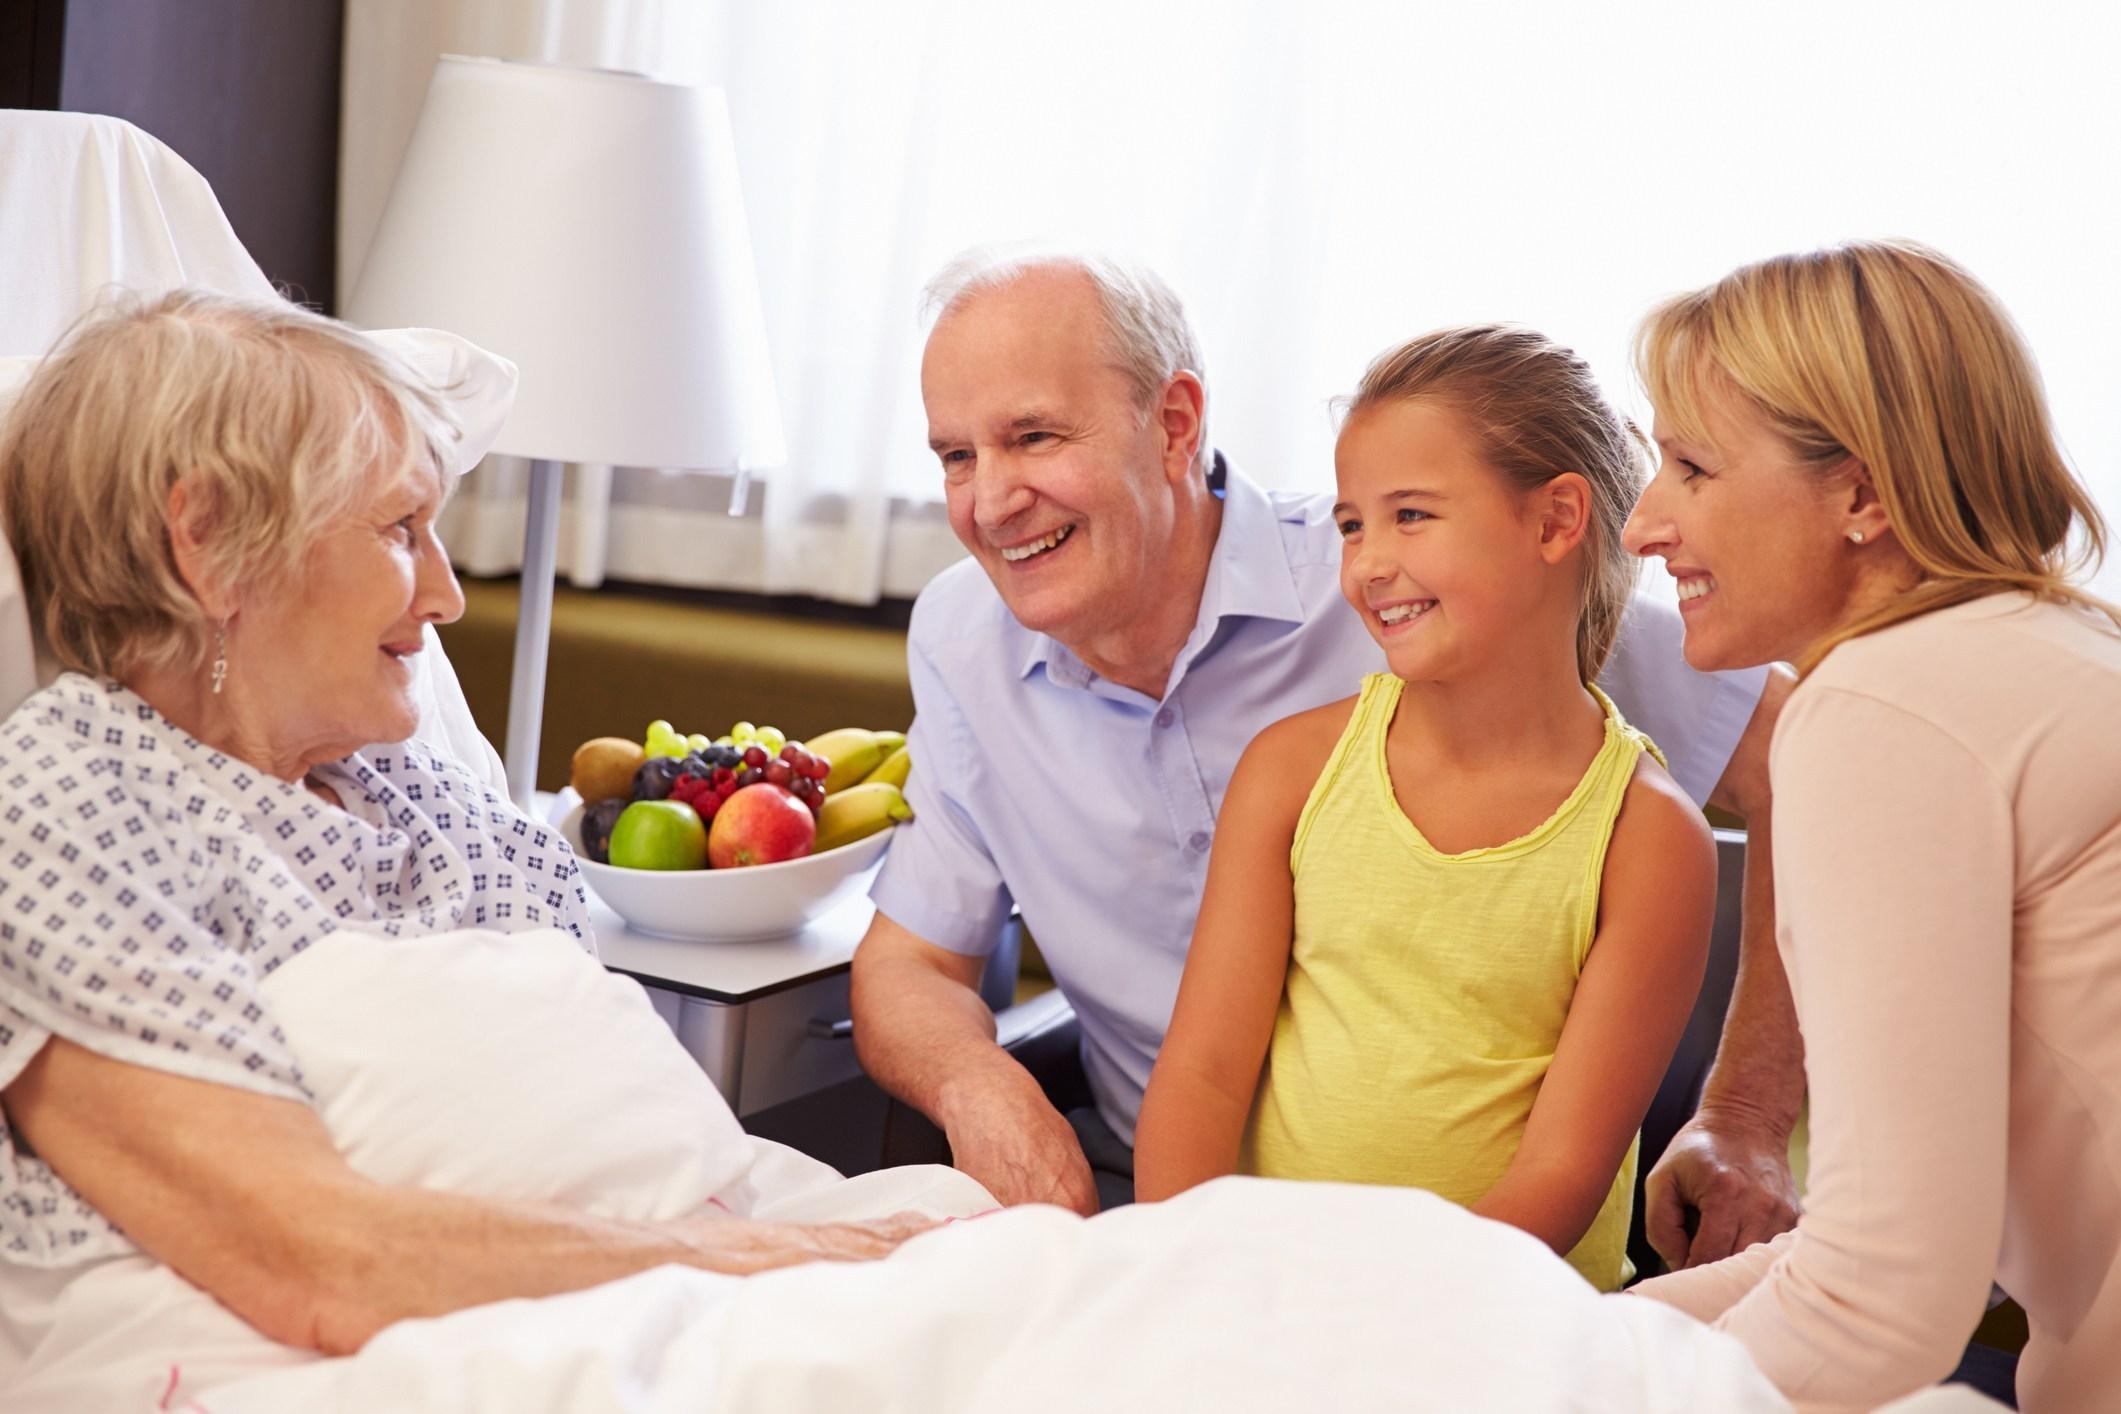 Menina ao lado de adultos visita idosa em hospital: projeto regula visita de crianças a hospital